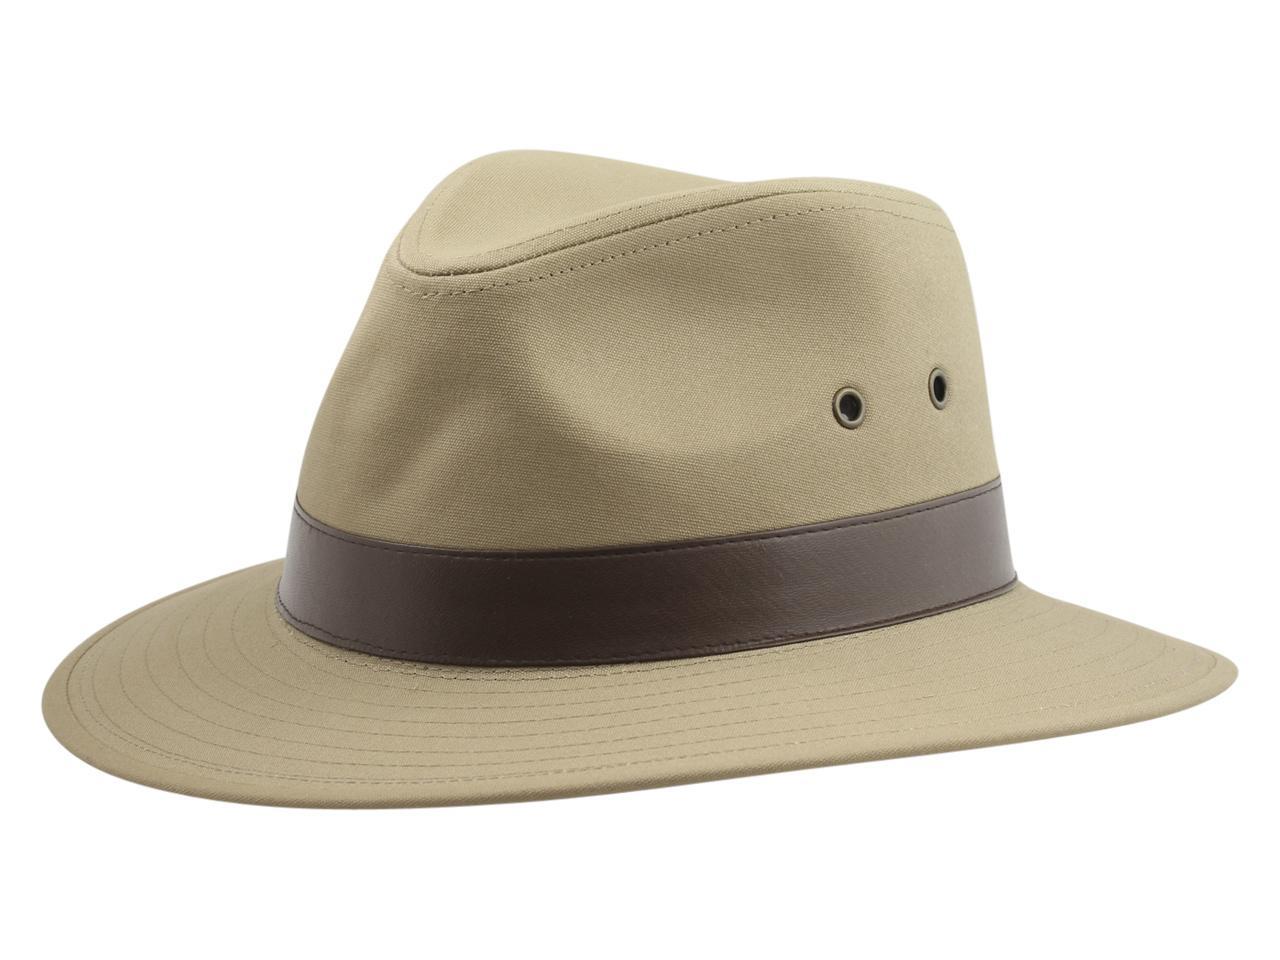 150c808ab Henschel Men's Outback Cotton Canvas Safari Hat